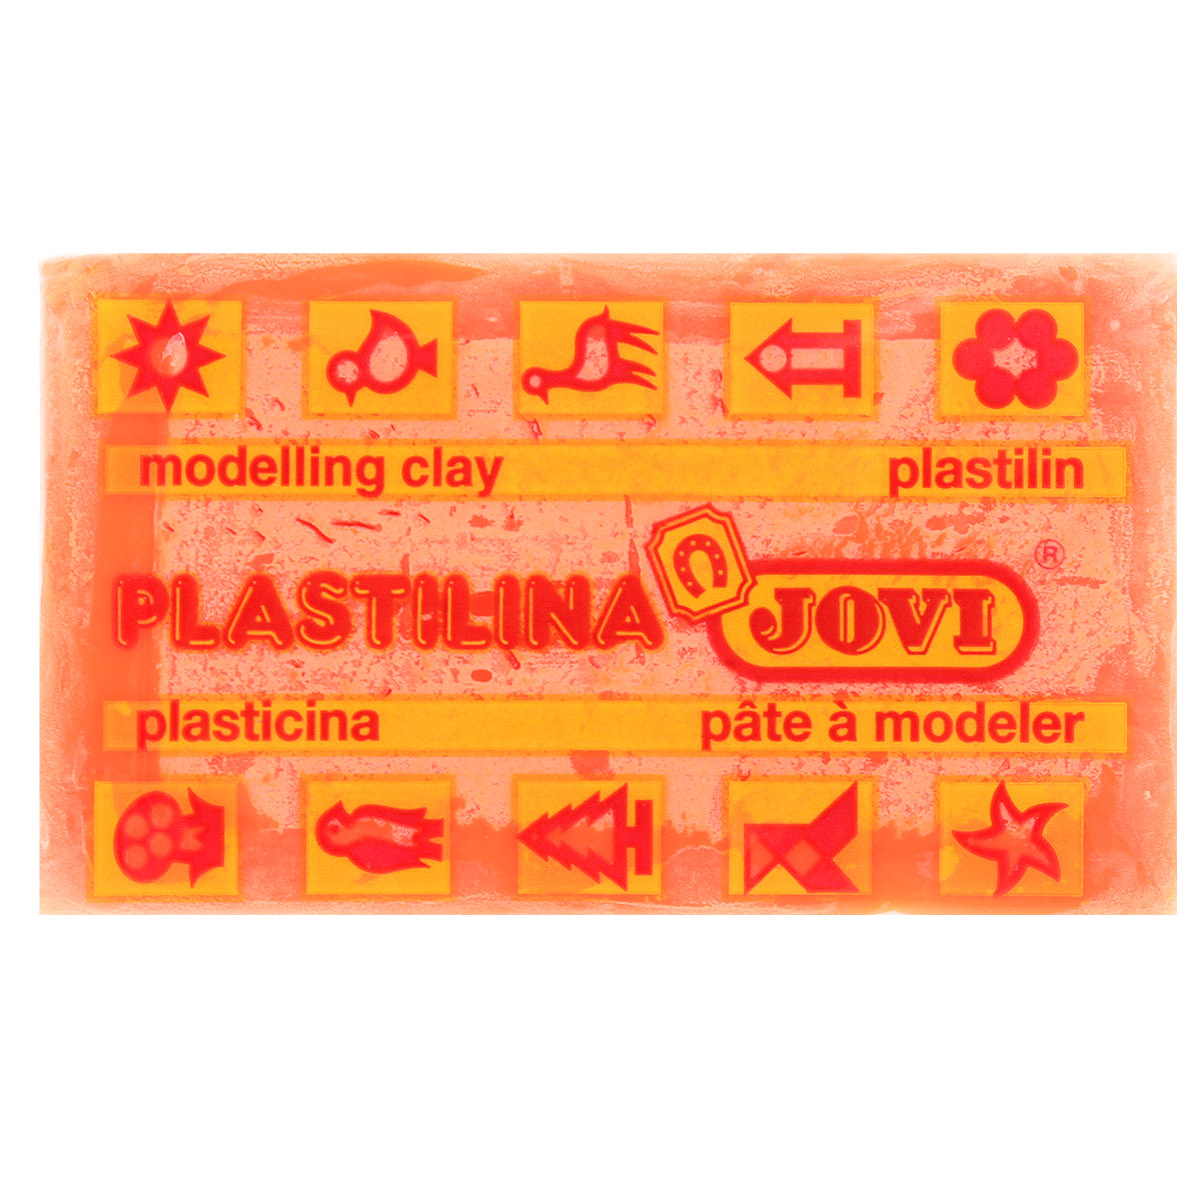 Jovi Пластилин флюоресцентный цвет оранжевый 50 г jovi набор мягкой пасты и аксессуаров для лепки огород